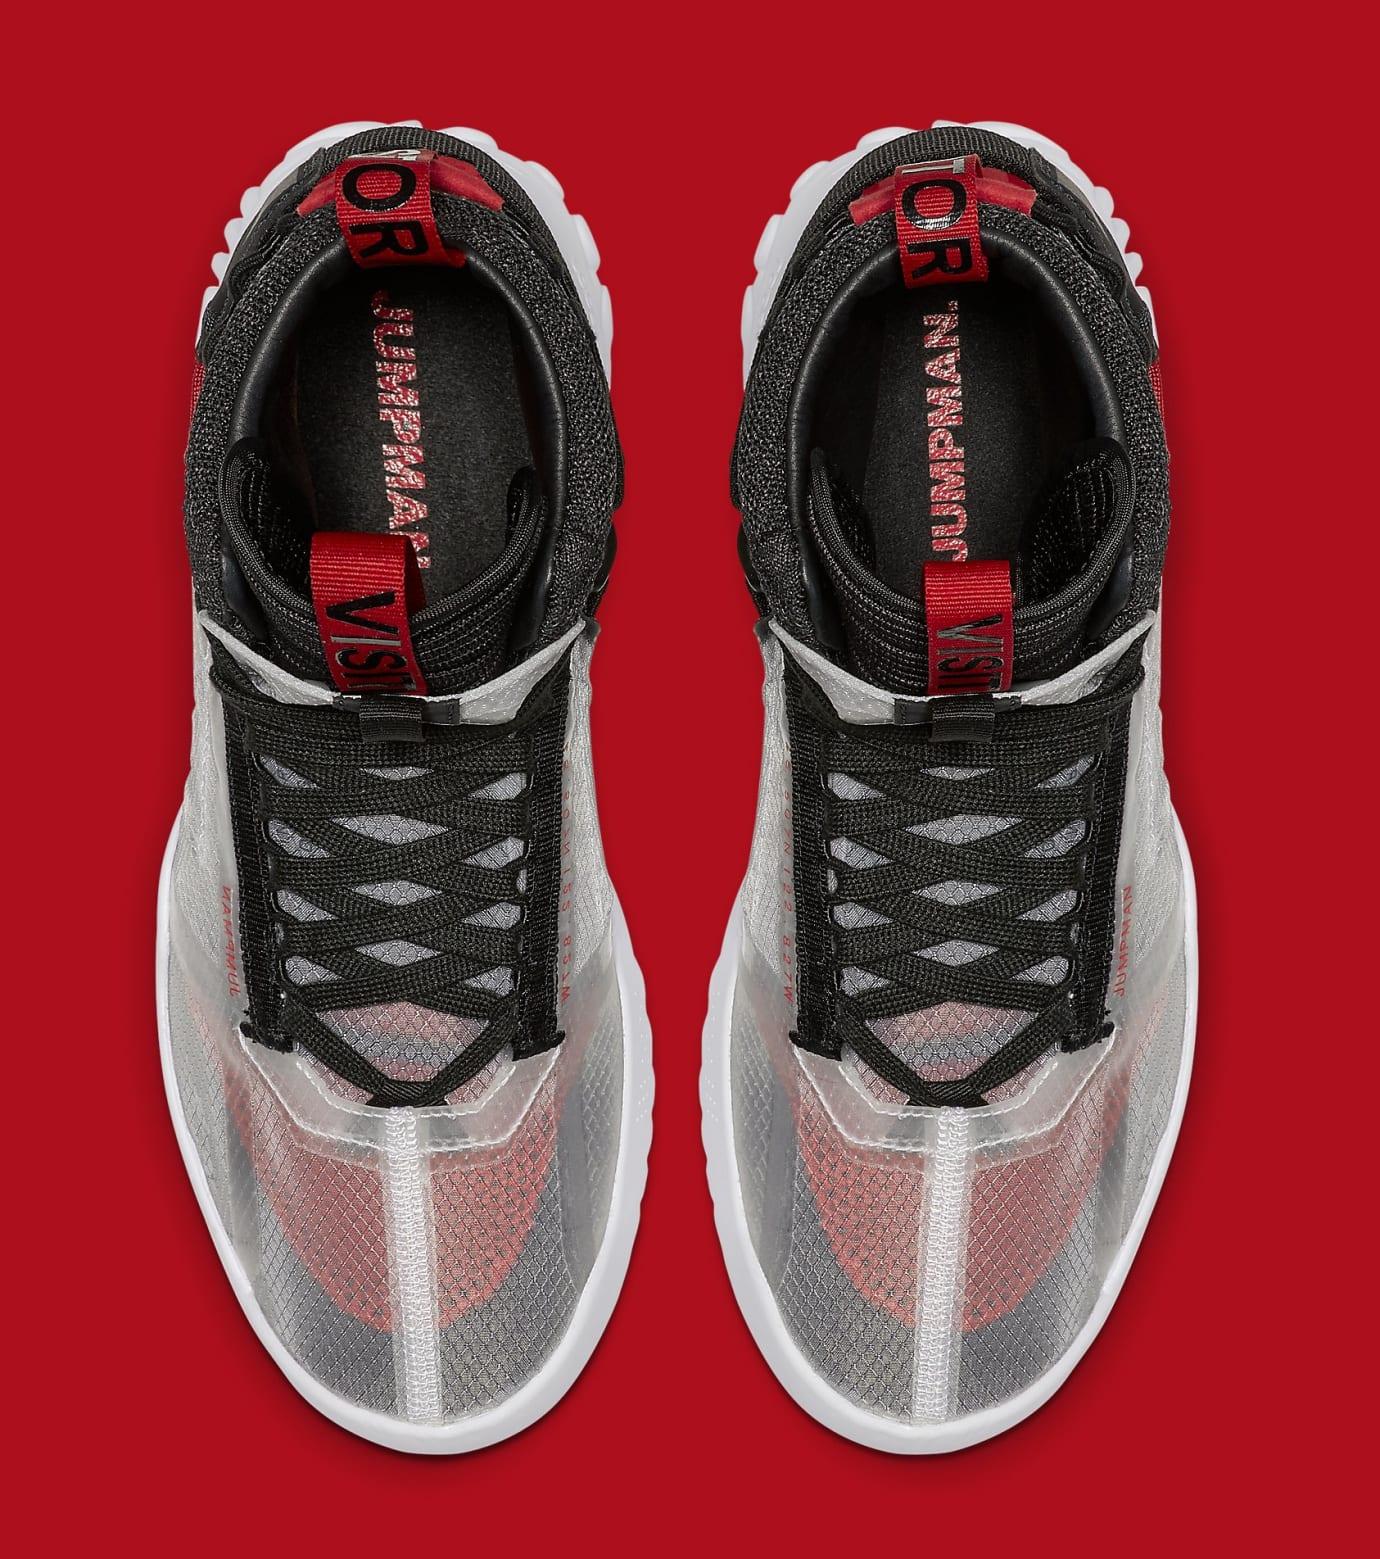 87b5d29944d Jordan Apex Utility Black Red Release Date BQ7147-006 | Sole Collector